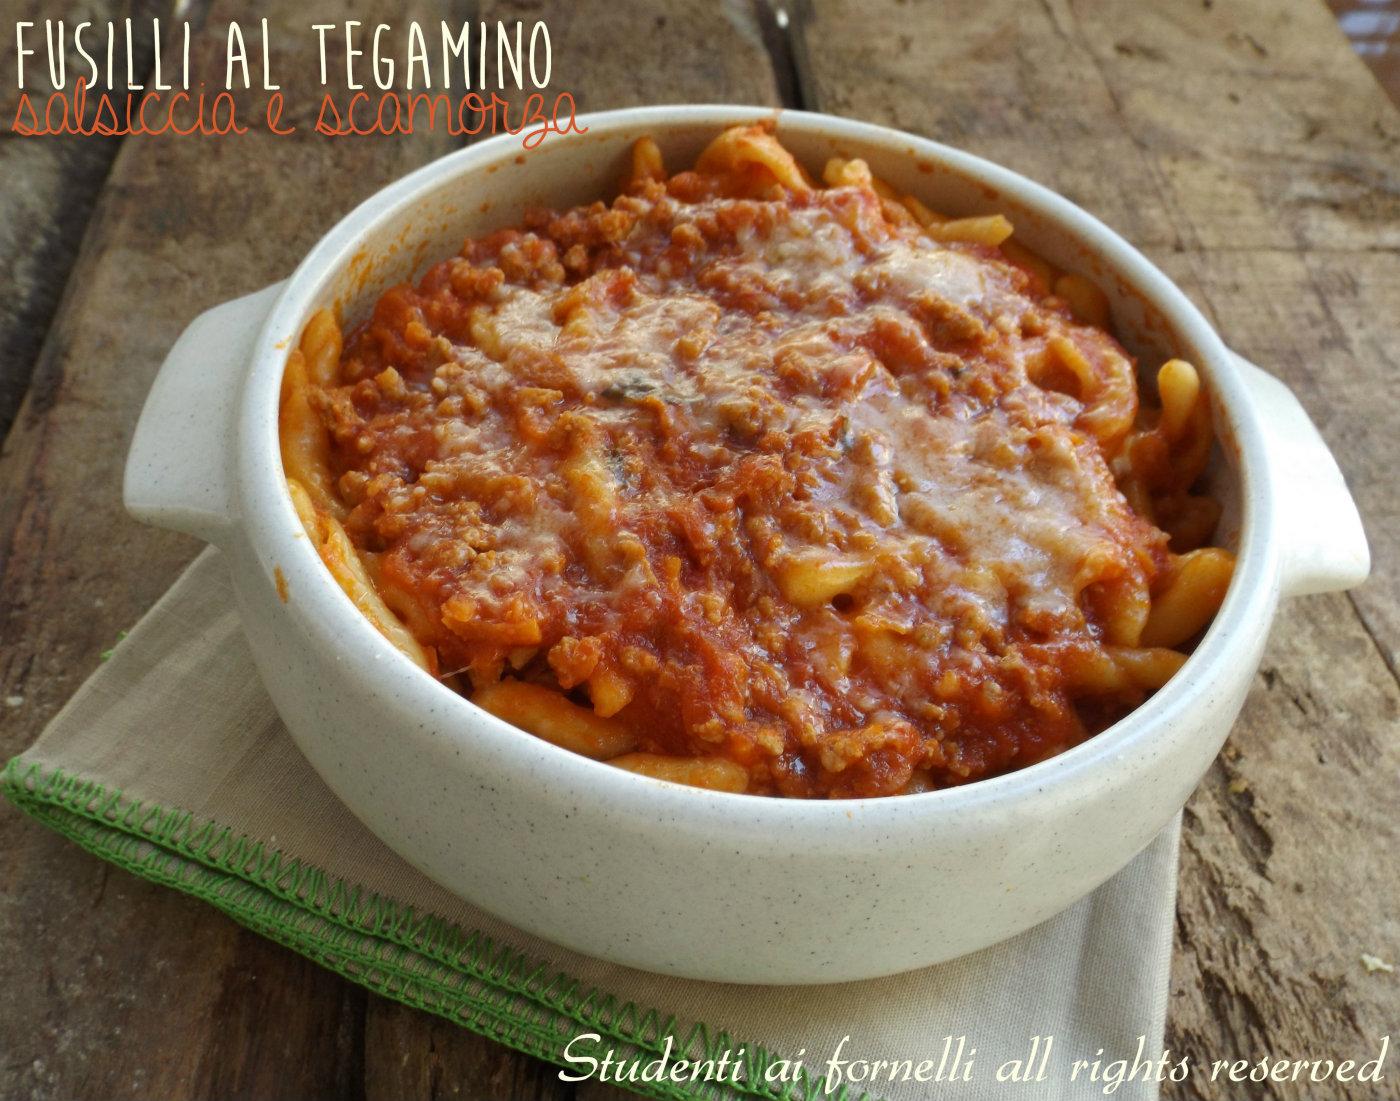 fusilli al tegamino salsiccia e scamorza ricetta pasta al forno ricetta natale